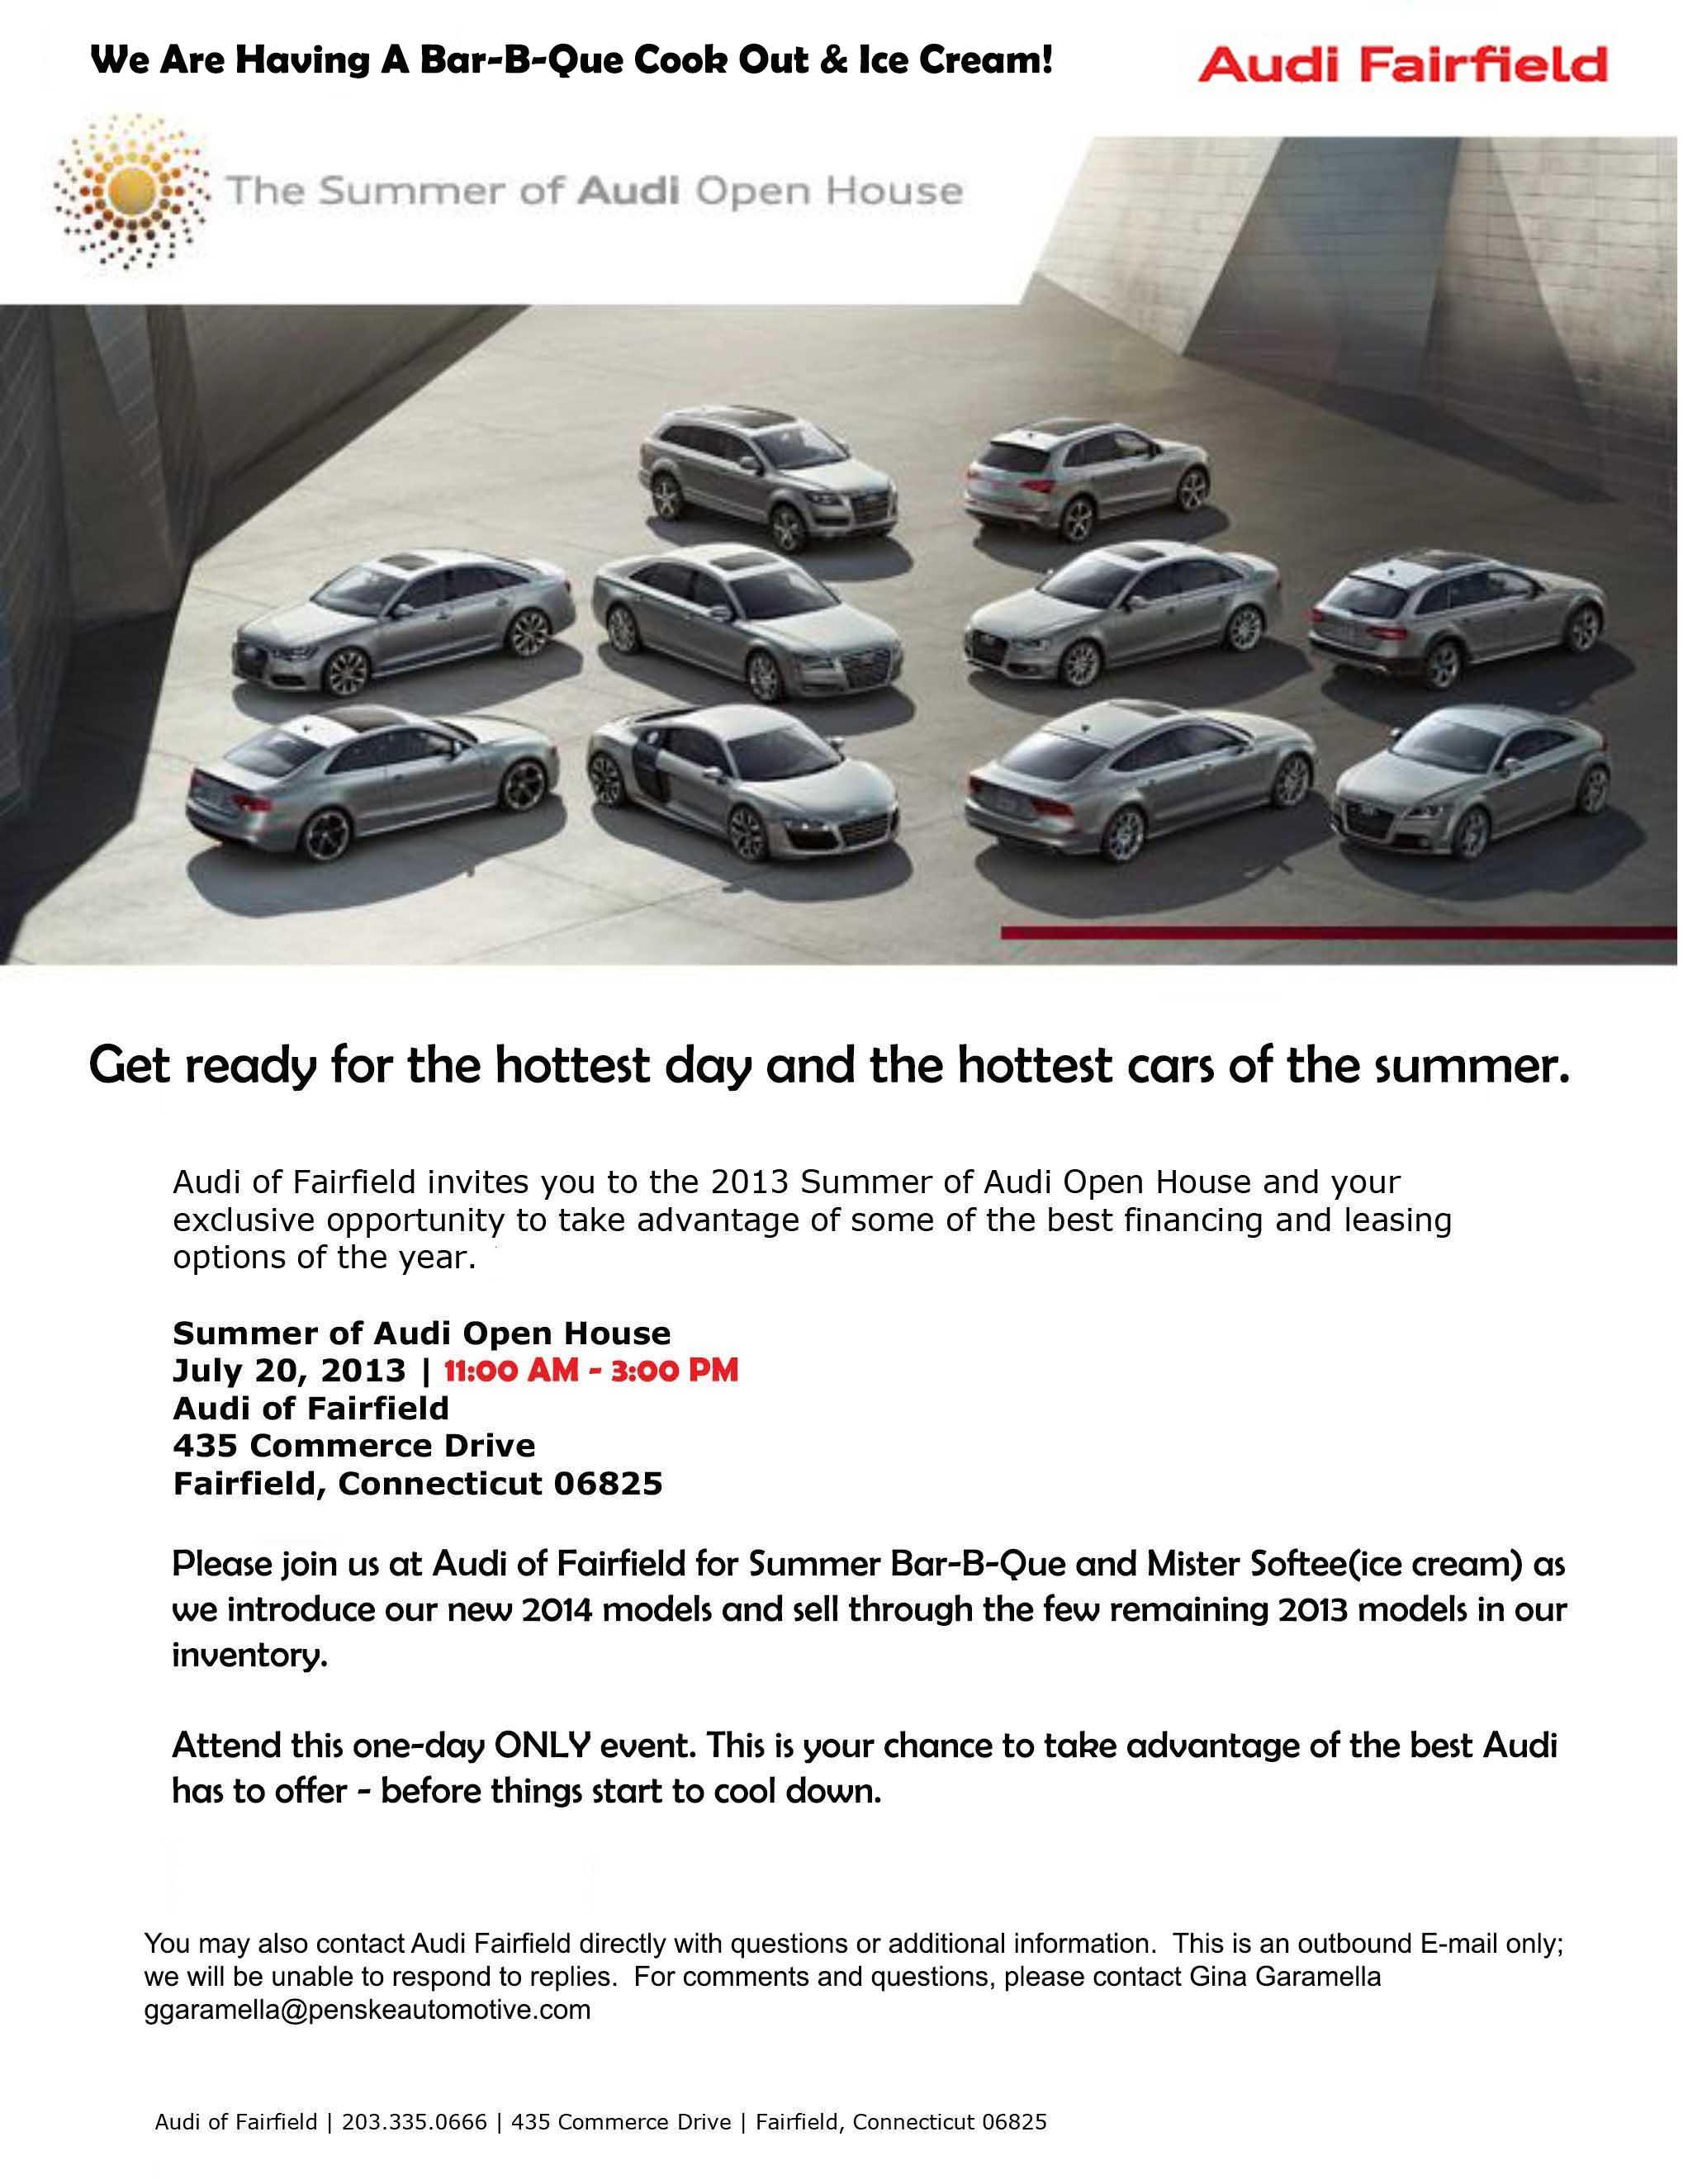 Audi Fairfield New Audi Dealership In Fairfield CT - Audi of fairfield